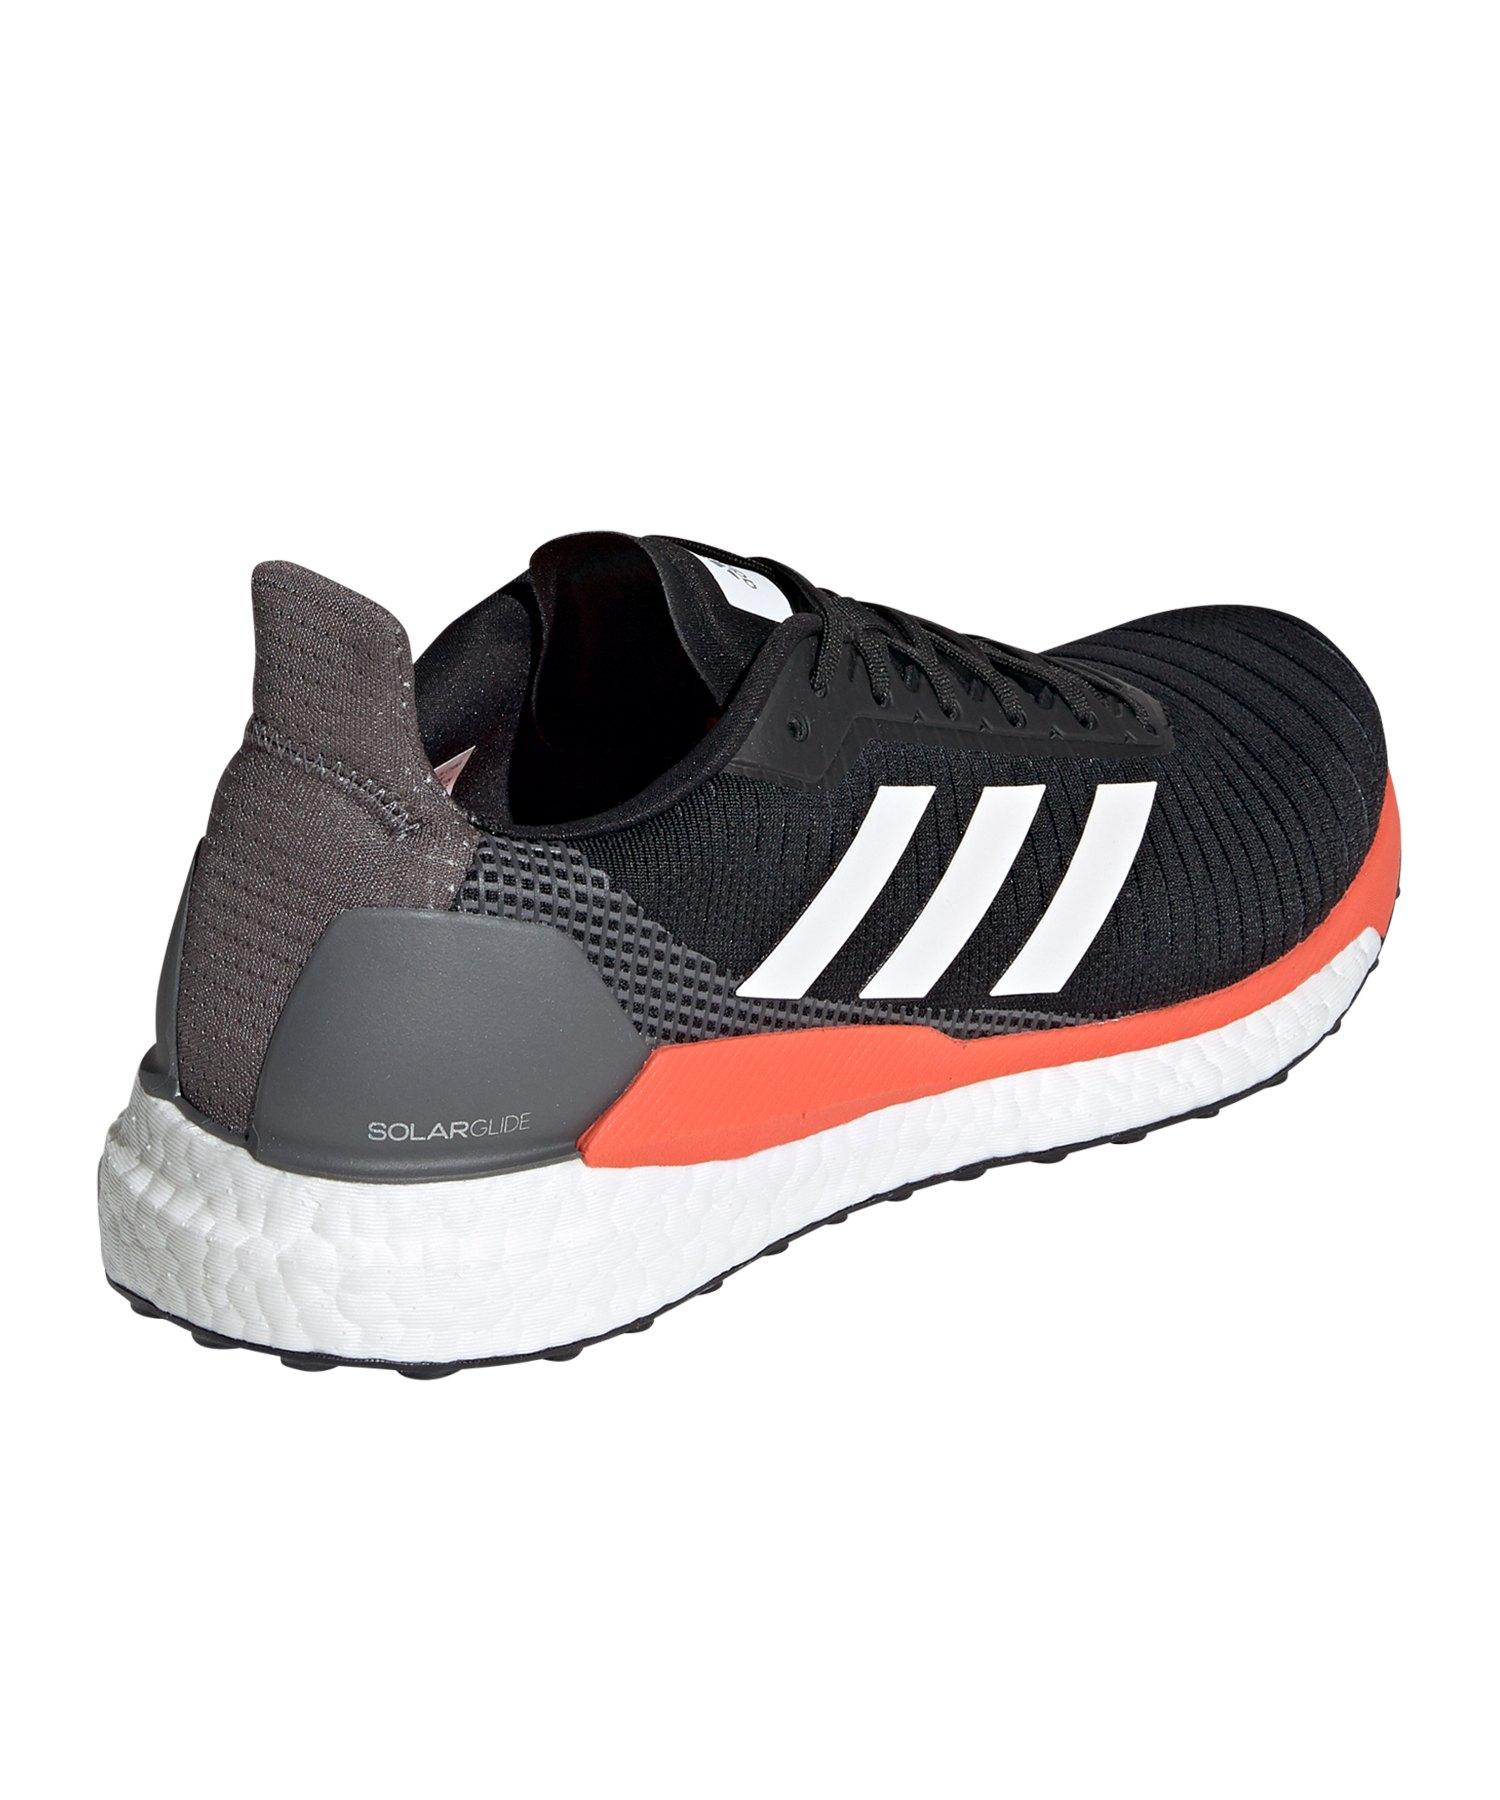 Adidas Glide Solar Running 19 Schwarz Weiss OiPukTwZXl